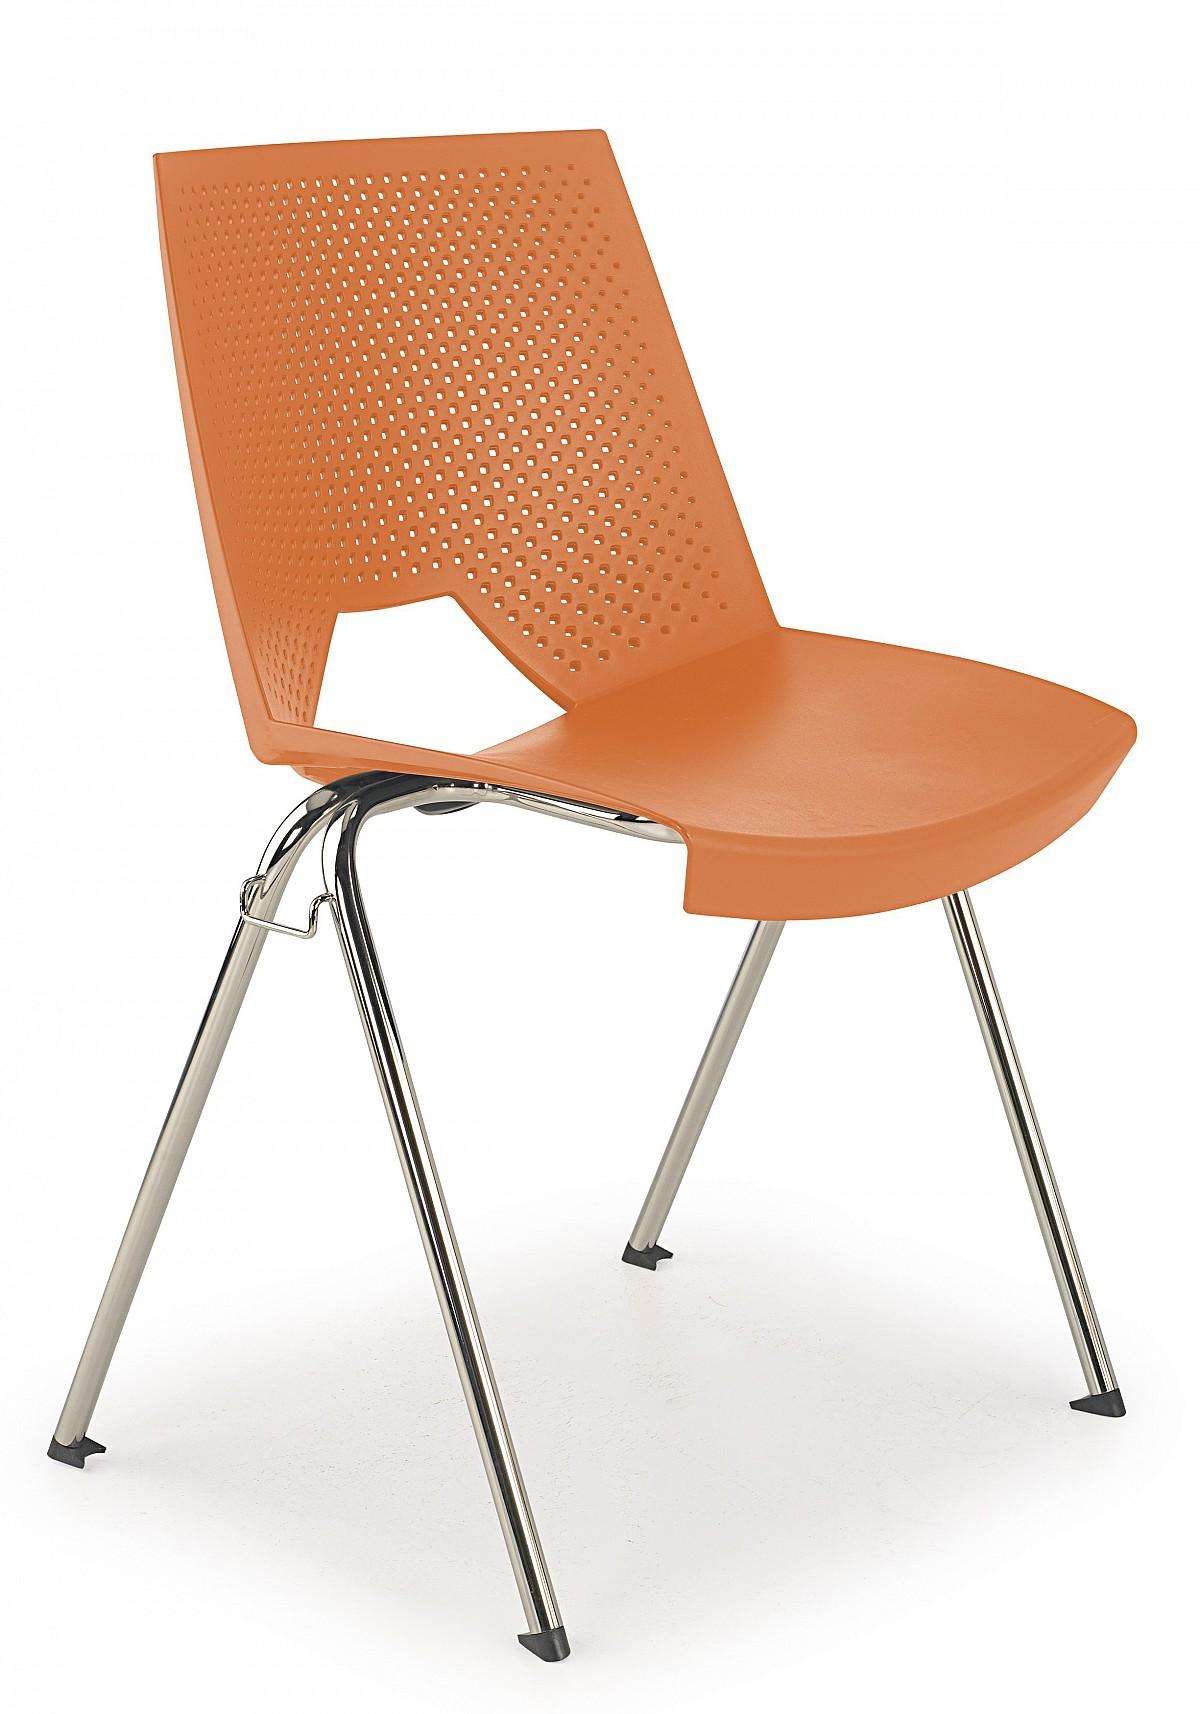 Sillas con ruedas o sillas sin ruedas cu ndo usar cada for Ruedas industriales antiguas para muebles